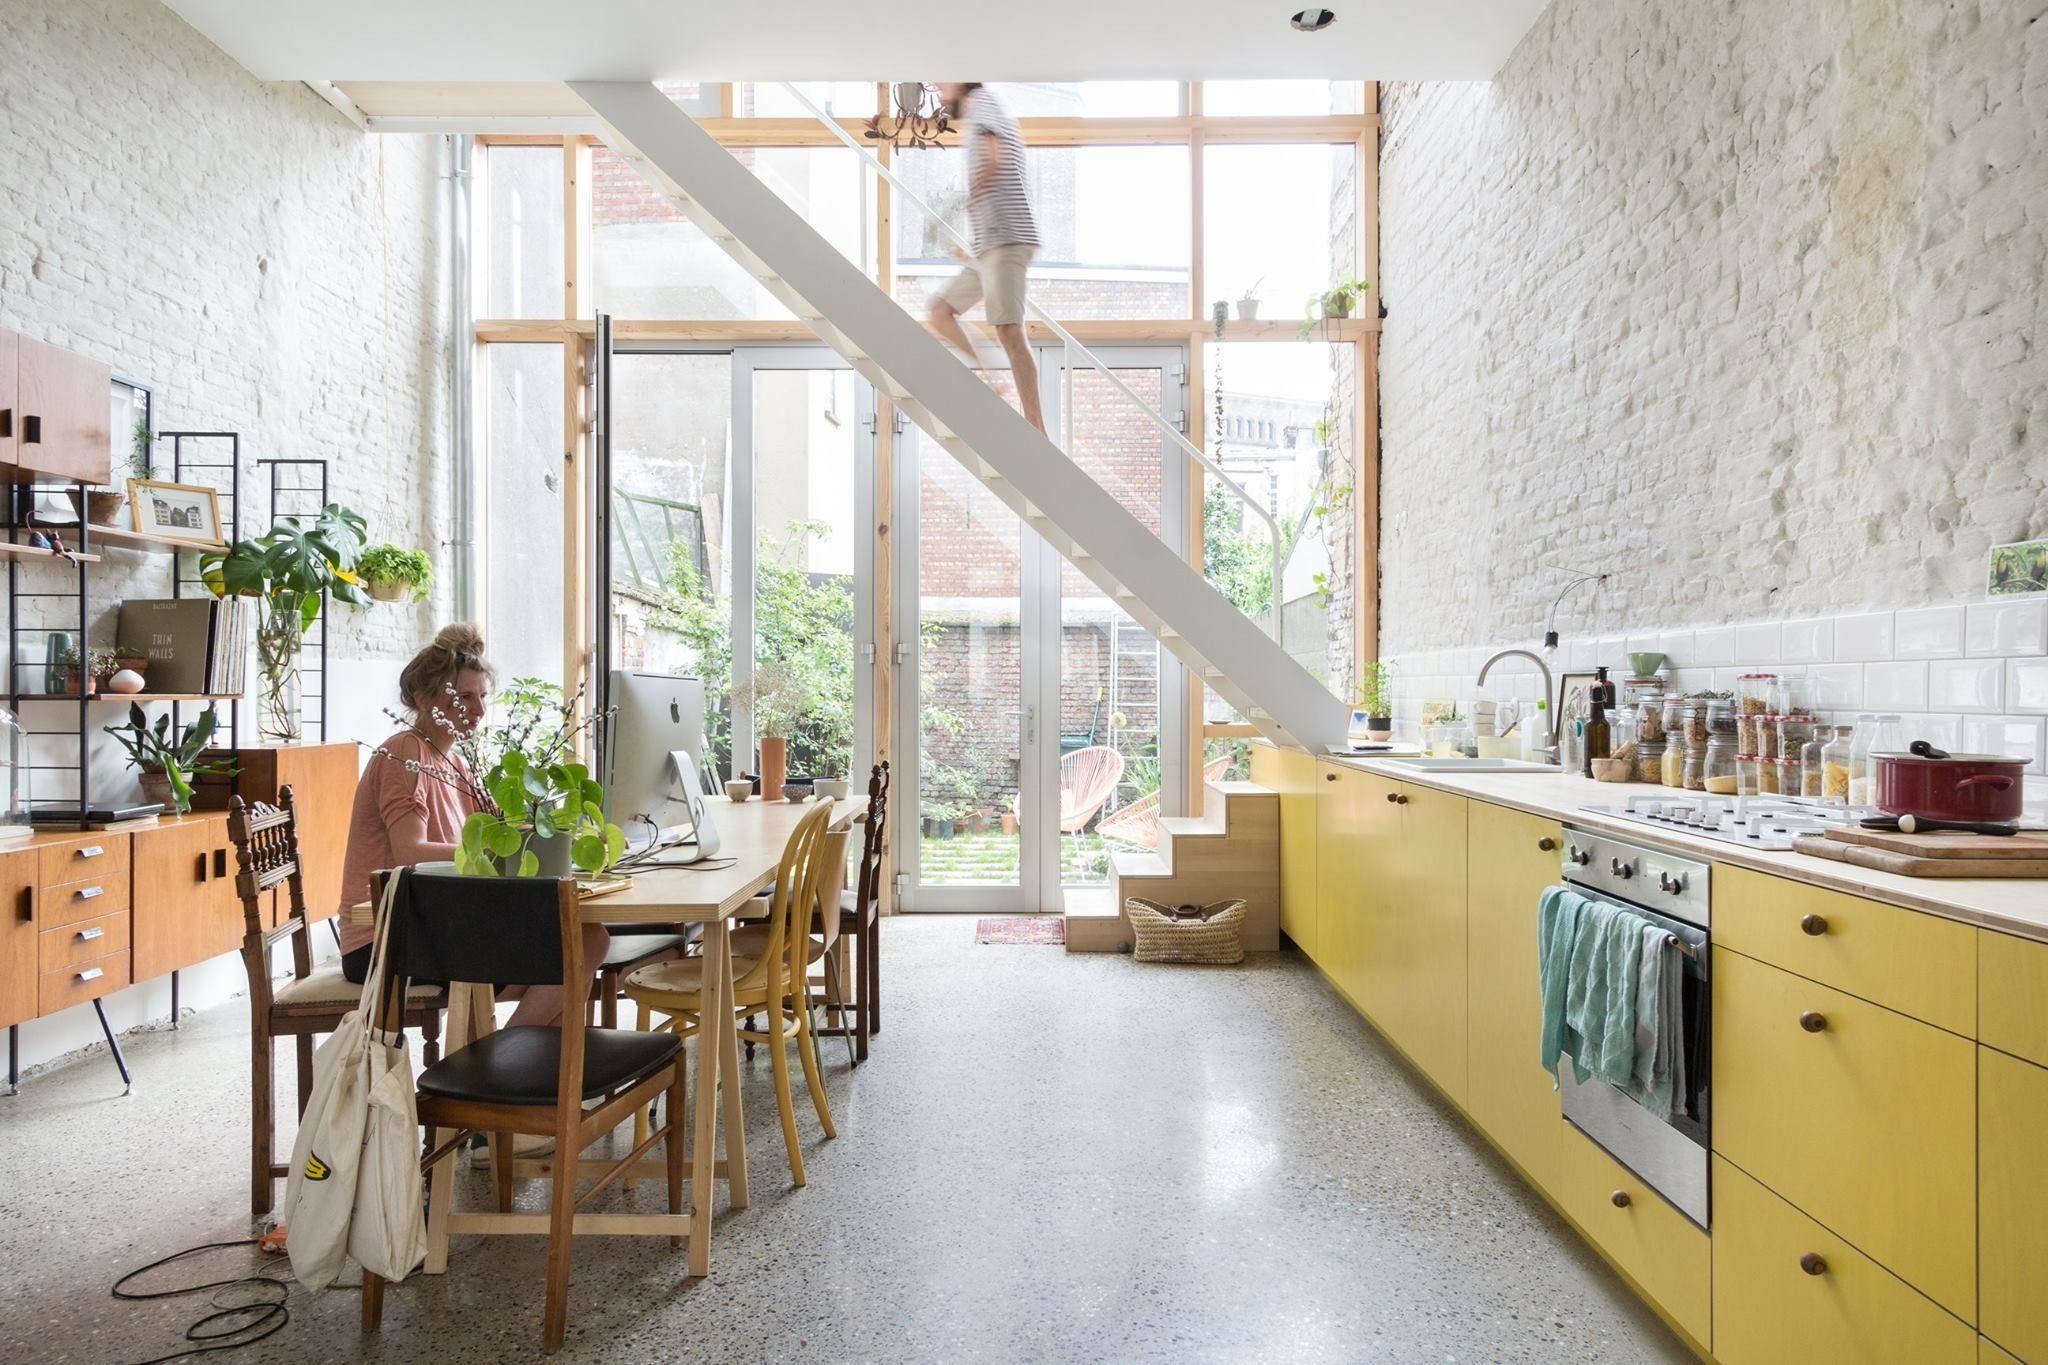 Pin von s a r a auf __ kitchen | Pinterest | Industrie-stil wohnen ...